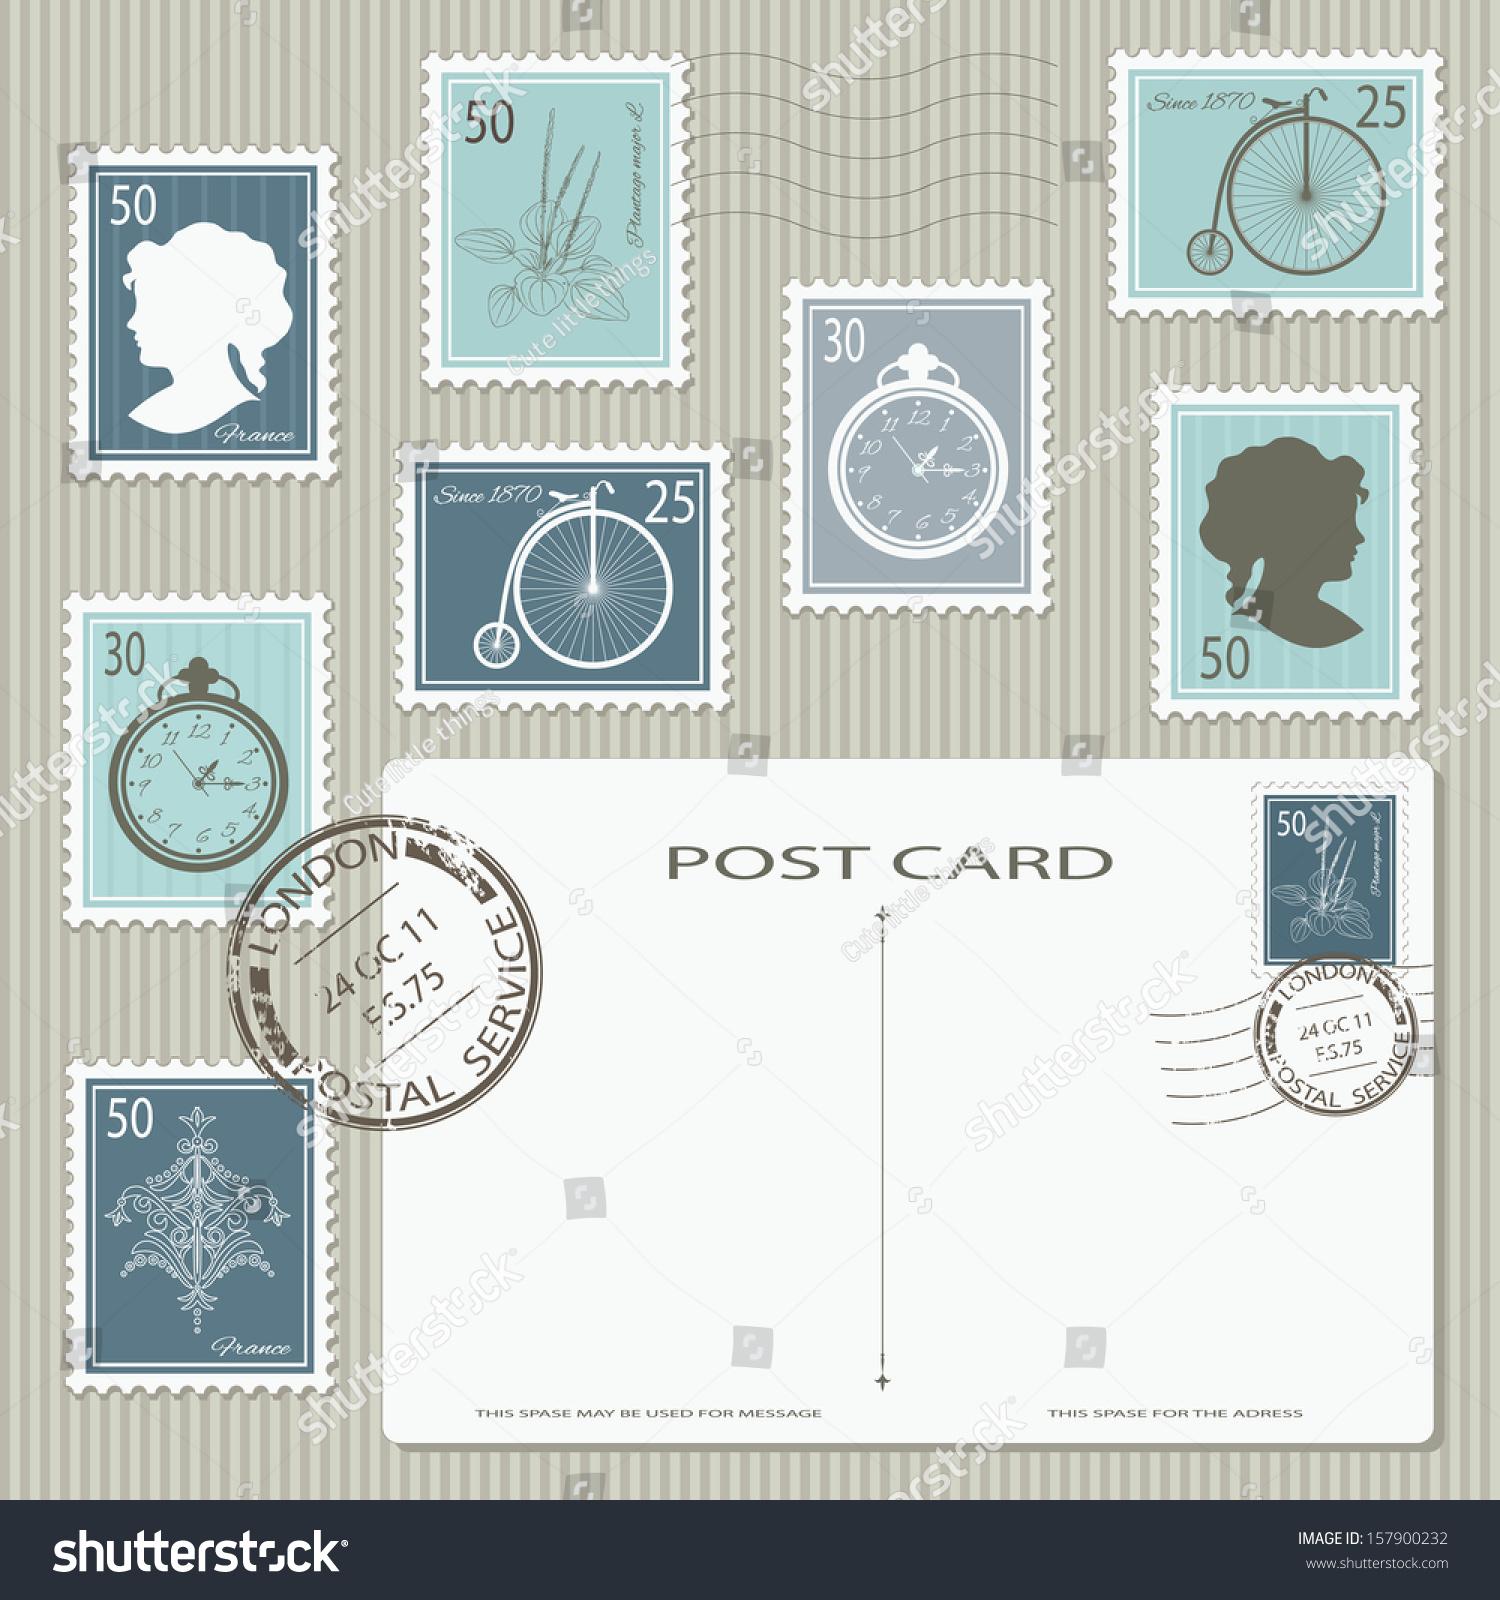 优雅的邮票和明信片。矢量插图。可用于剪贴簿,邀请卡,拼贴设计。所有对象单独分组,易于使用。-背景/素材,物体-海洛创意正版图片,视频,音乐素材交易平台-Shutterstock中国独家合作伙伴-站酷旗下品牌